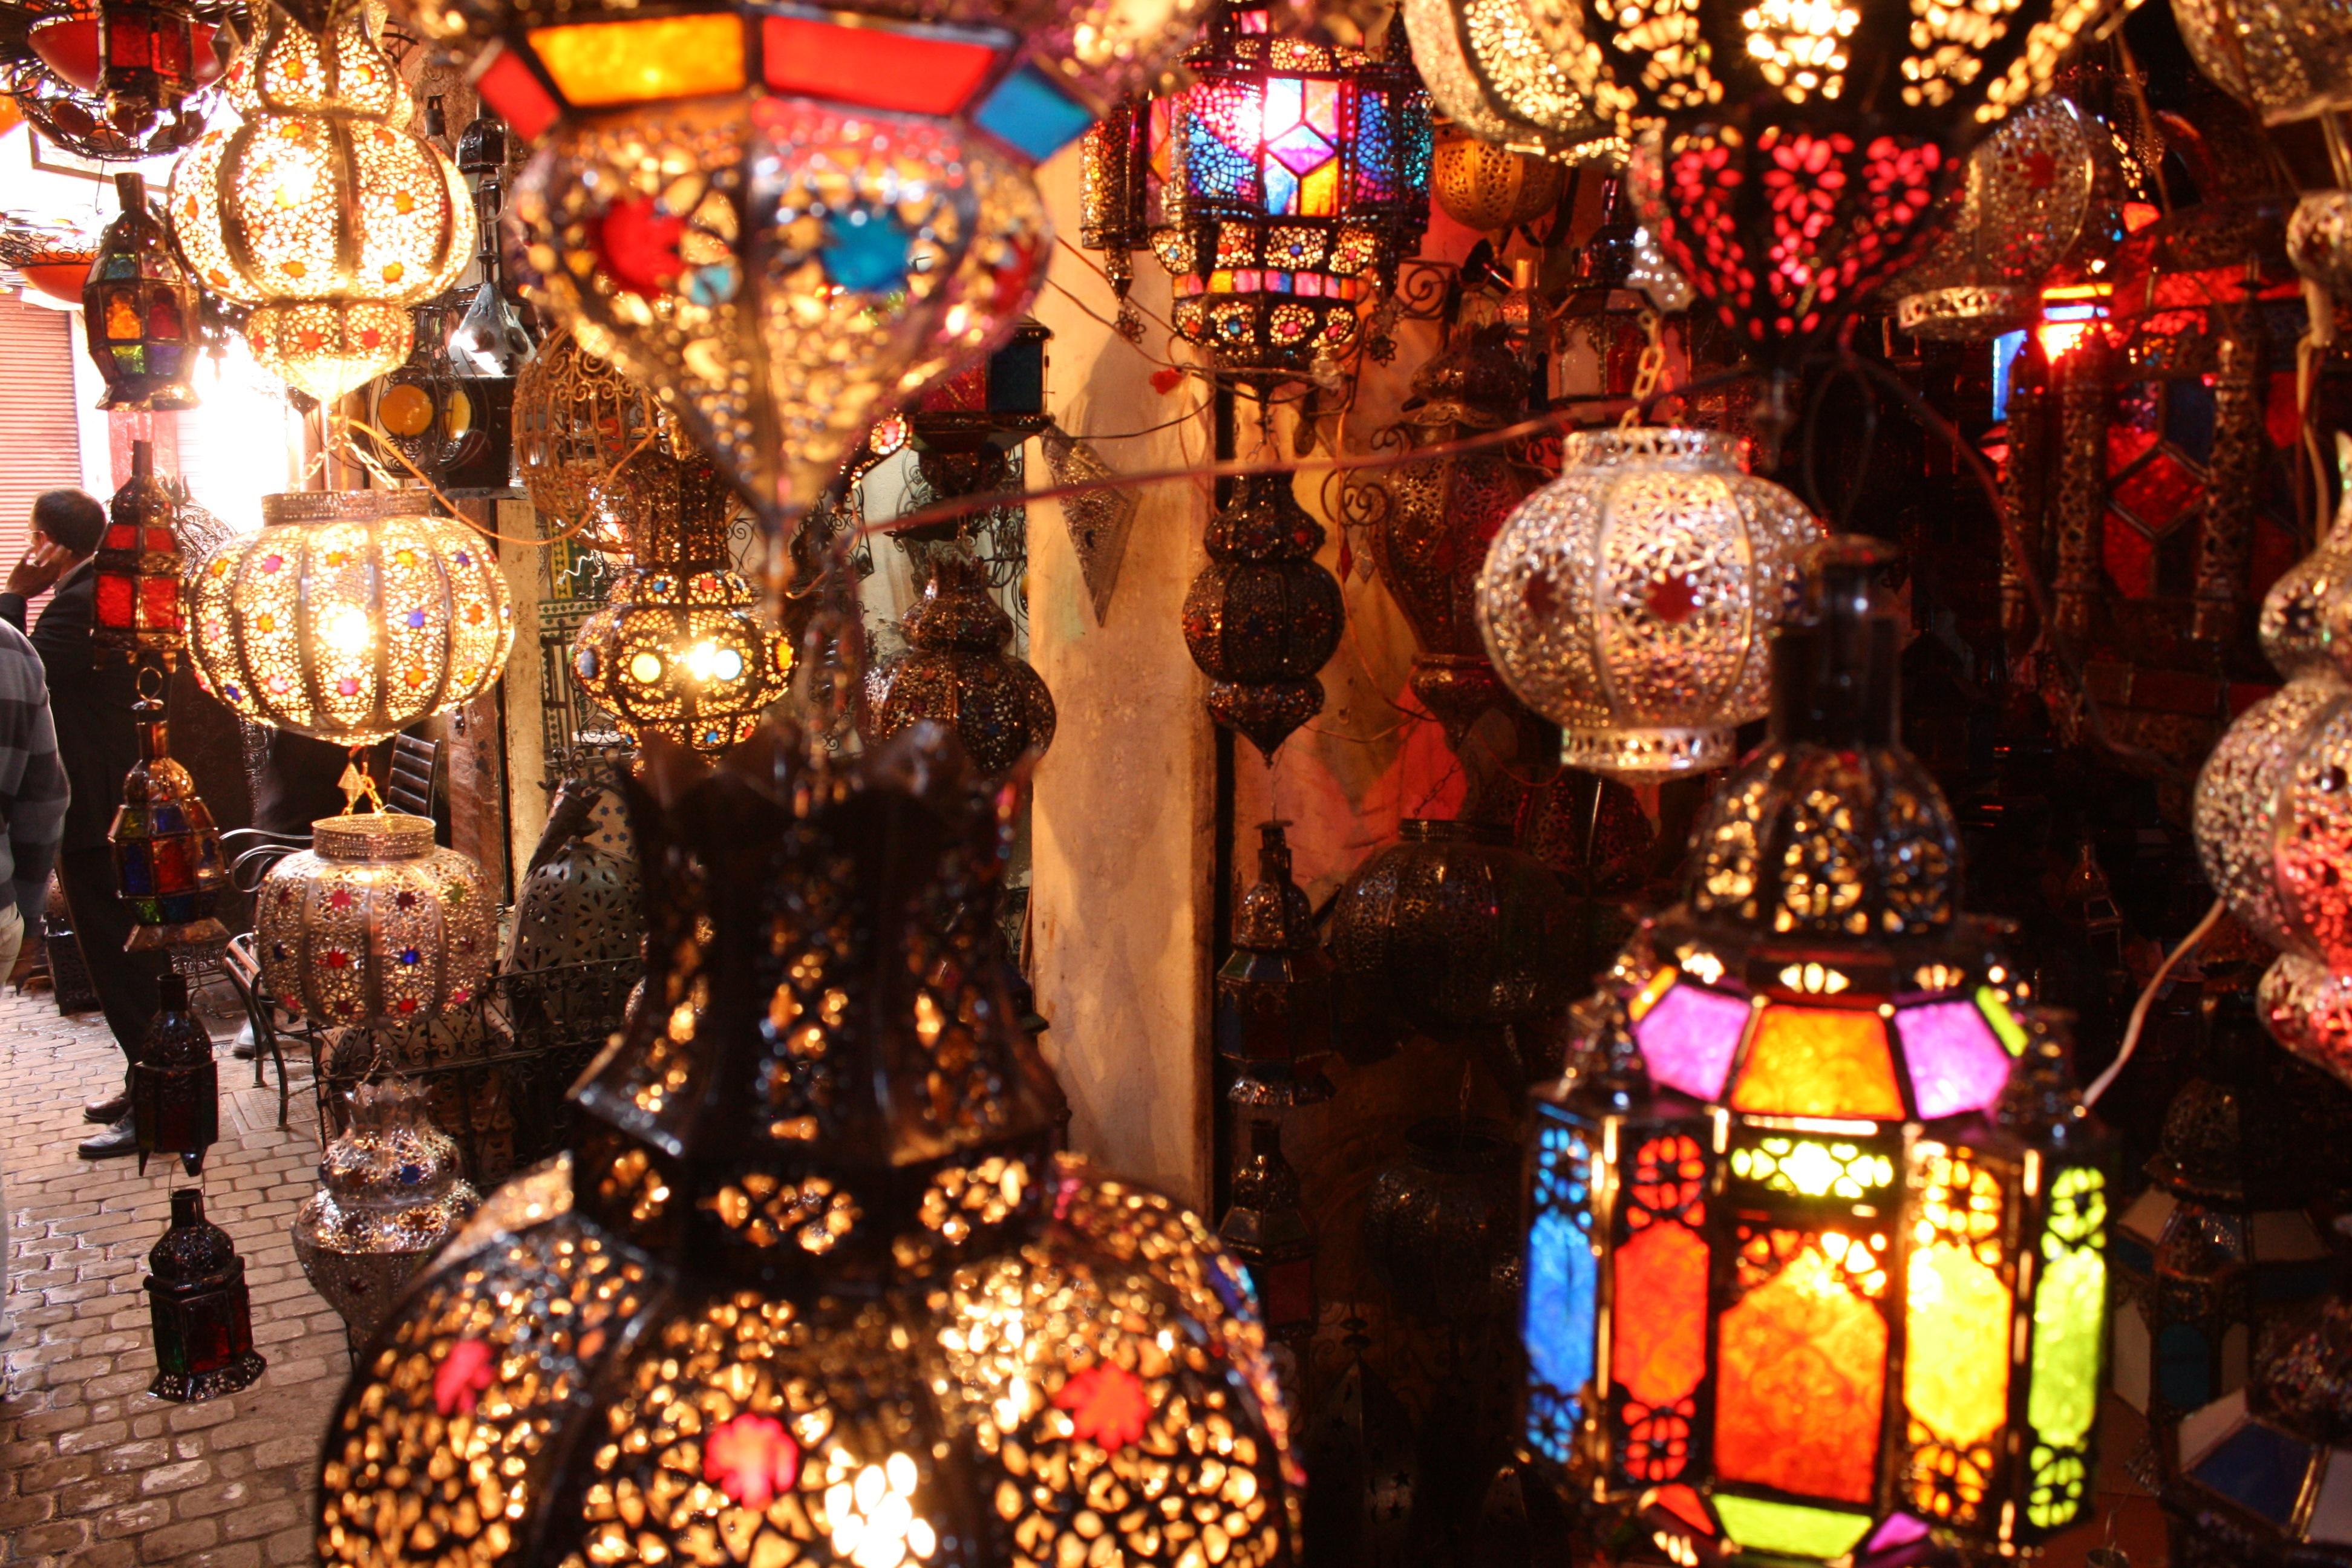 مدينه مراكش 1 صور مدينه مراكش Marrakesh